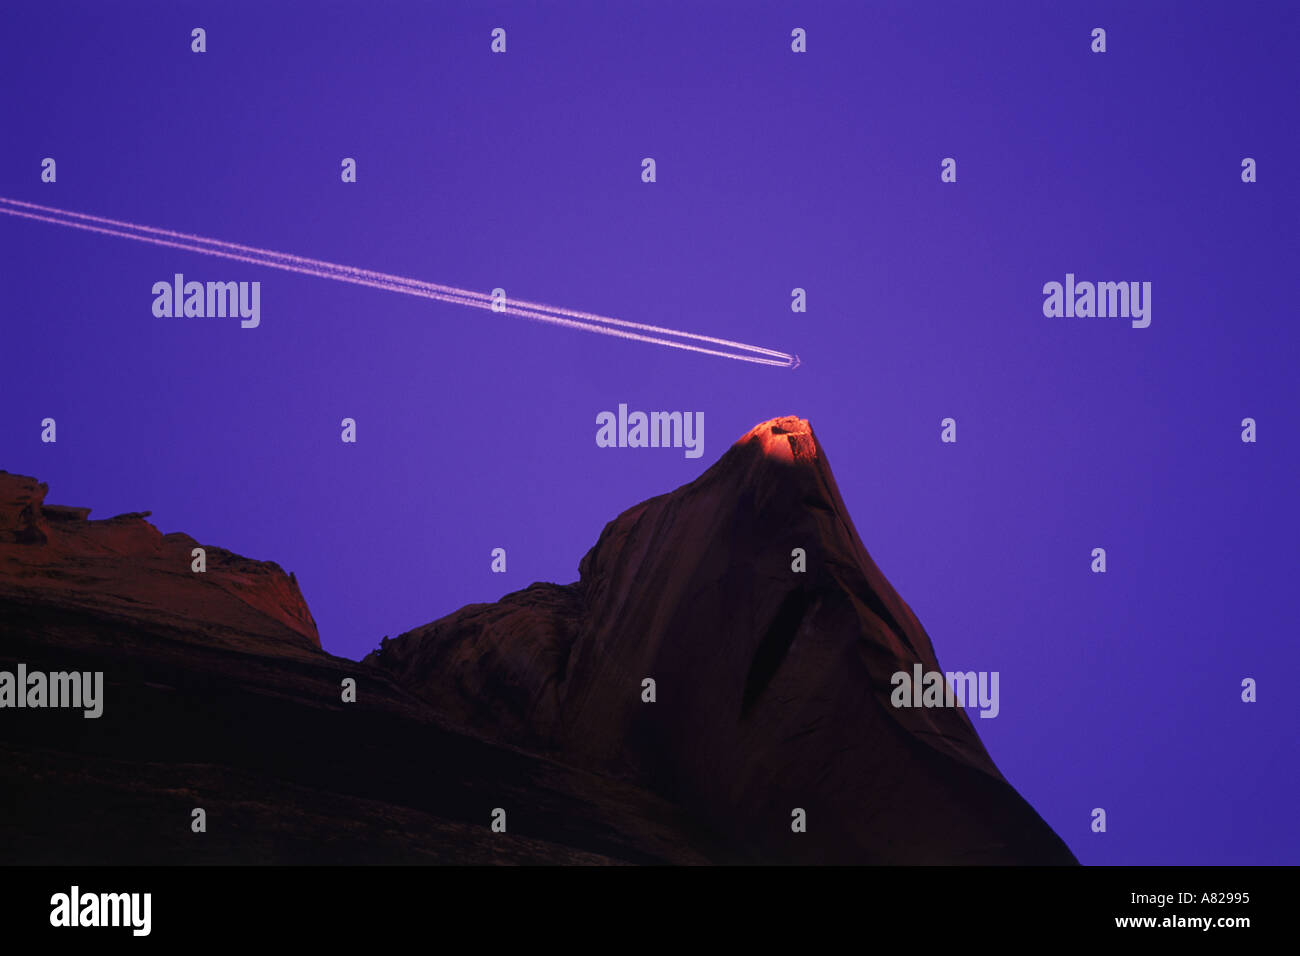 Imagen conceptual que representan ideas como: golpear a su objetivo, hacer un punto o alcanzar tu objetivo Imagen De Stock